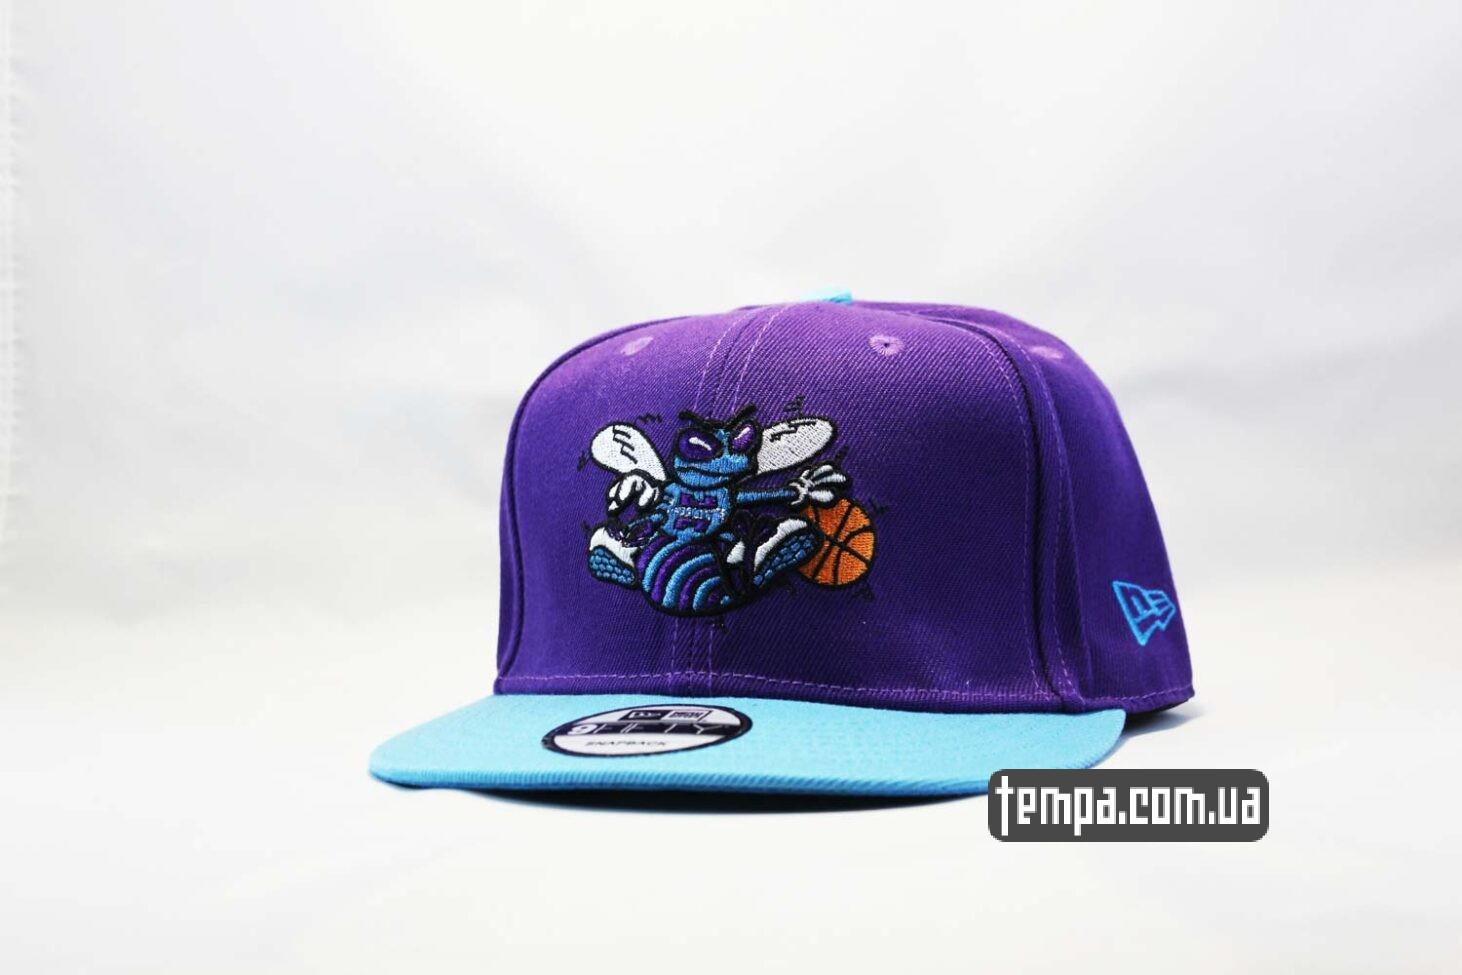 кепка snapback Hornets фиолетовя с осой New Era купить